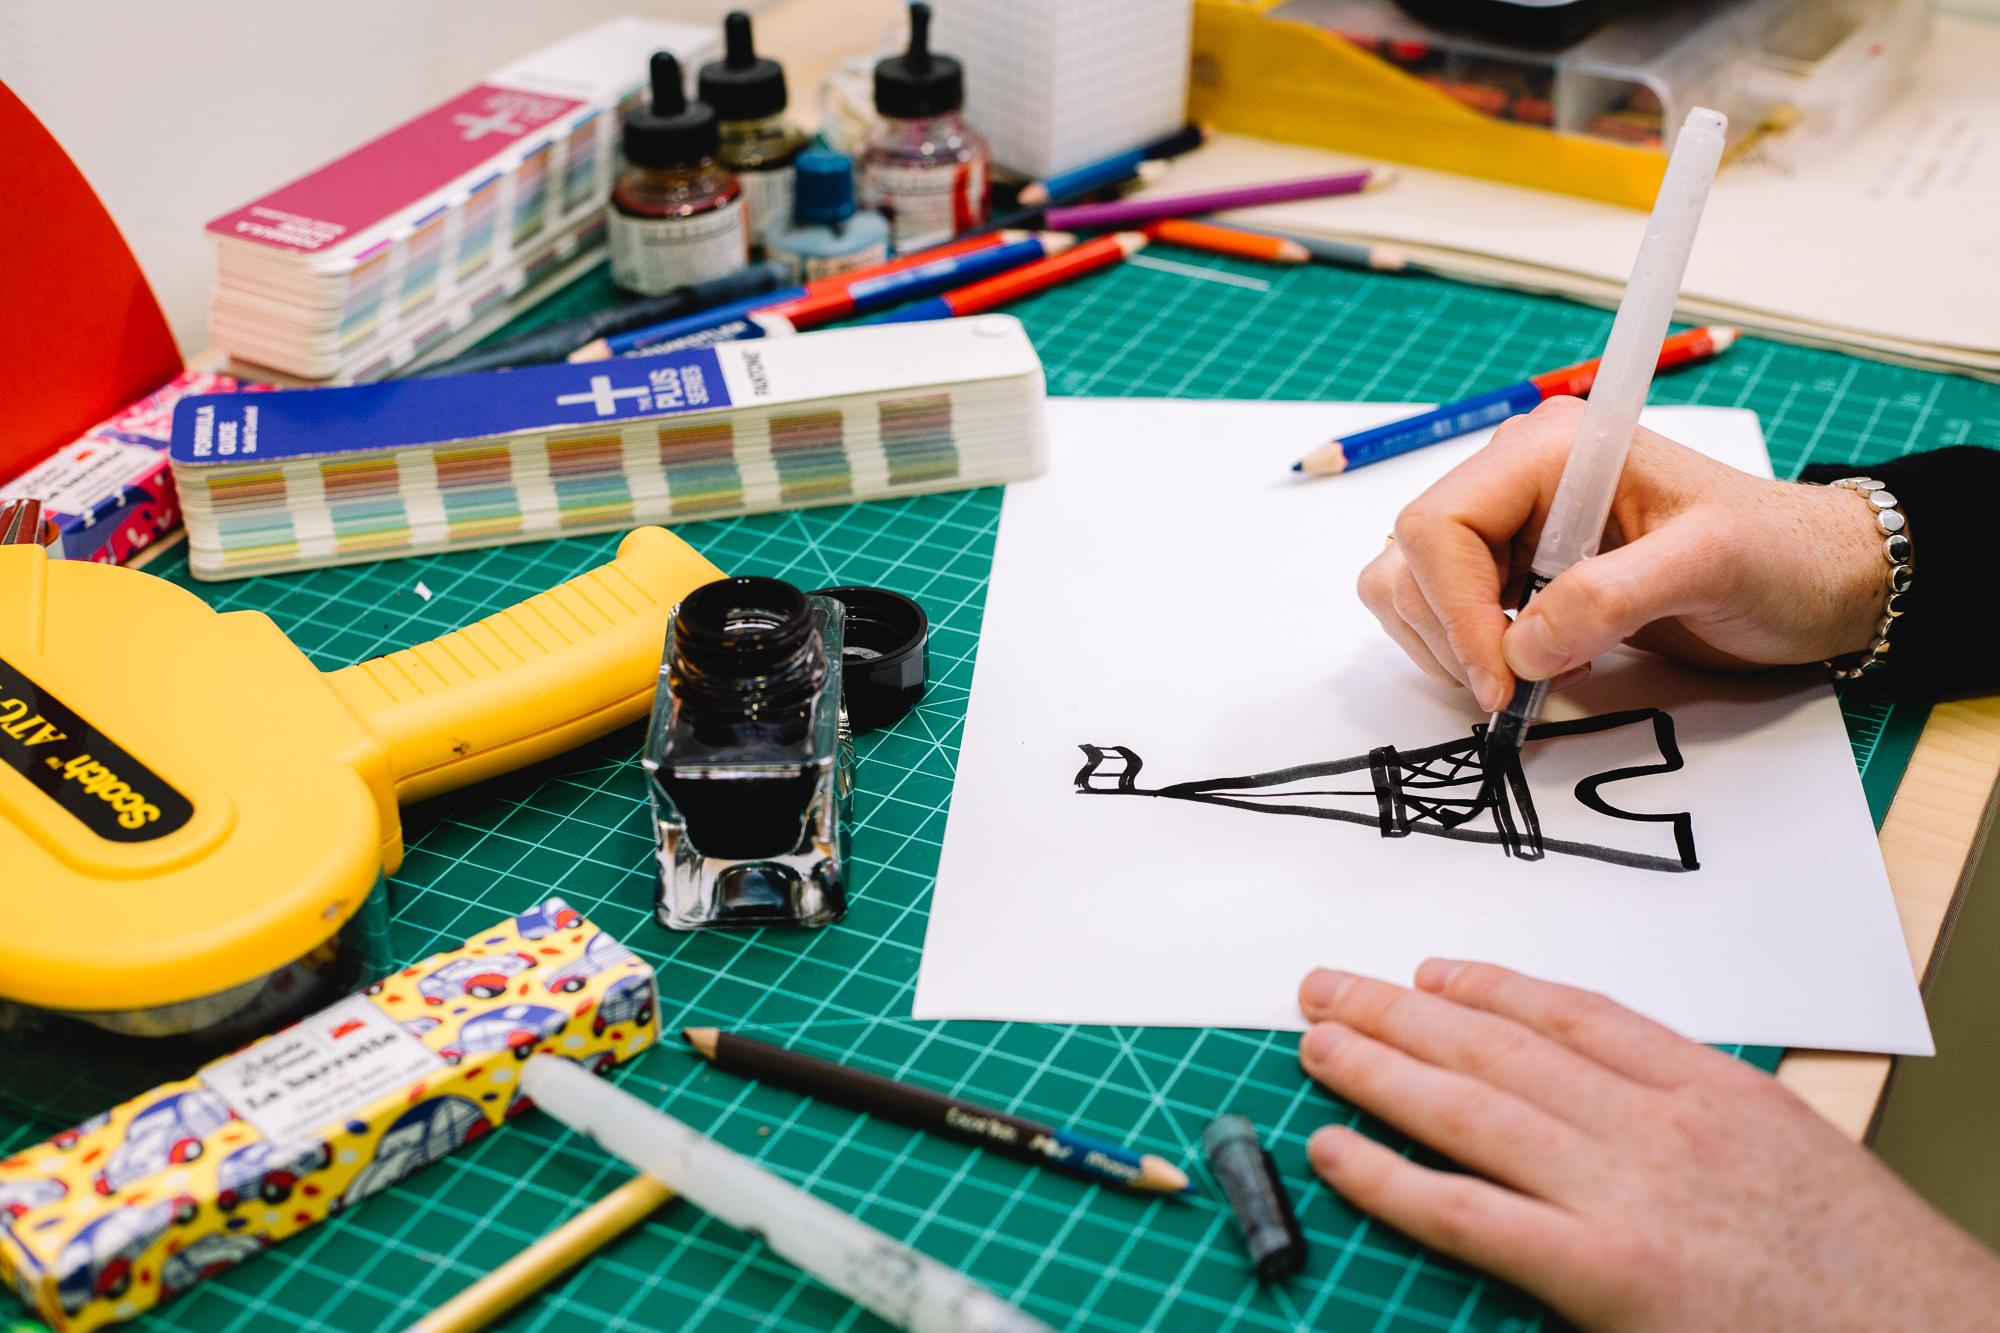 Un bureau de dessinateur avec une main dessinant une Tour Eiffel à l'encre noire, un encrier, des outils de dessin et une barre de chocolat Le Chocolat des Français